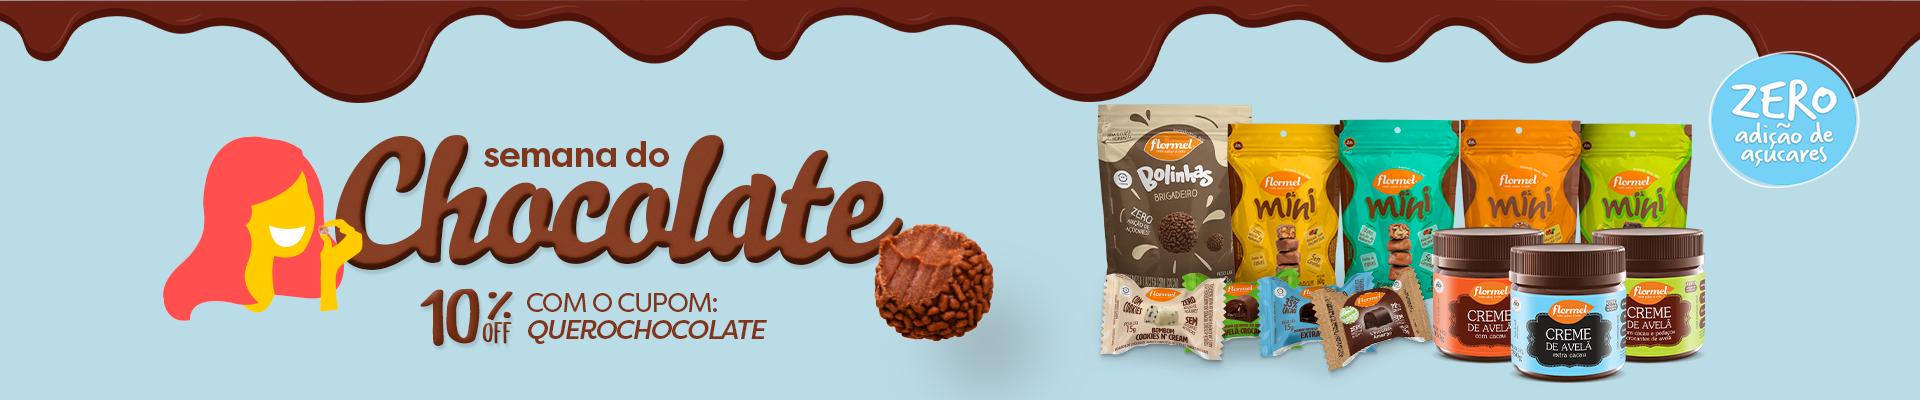 Banner Chocolate Desc